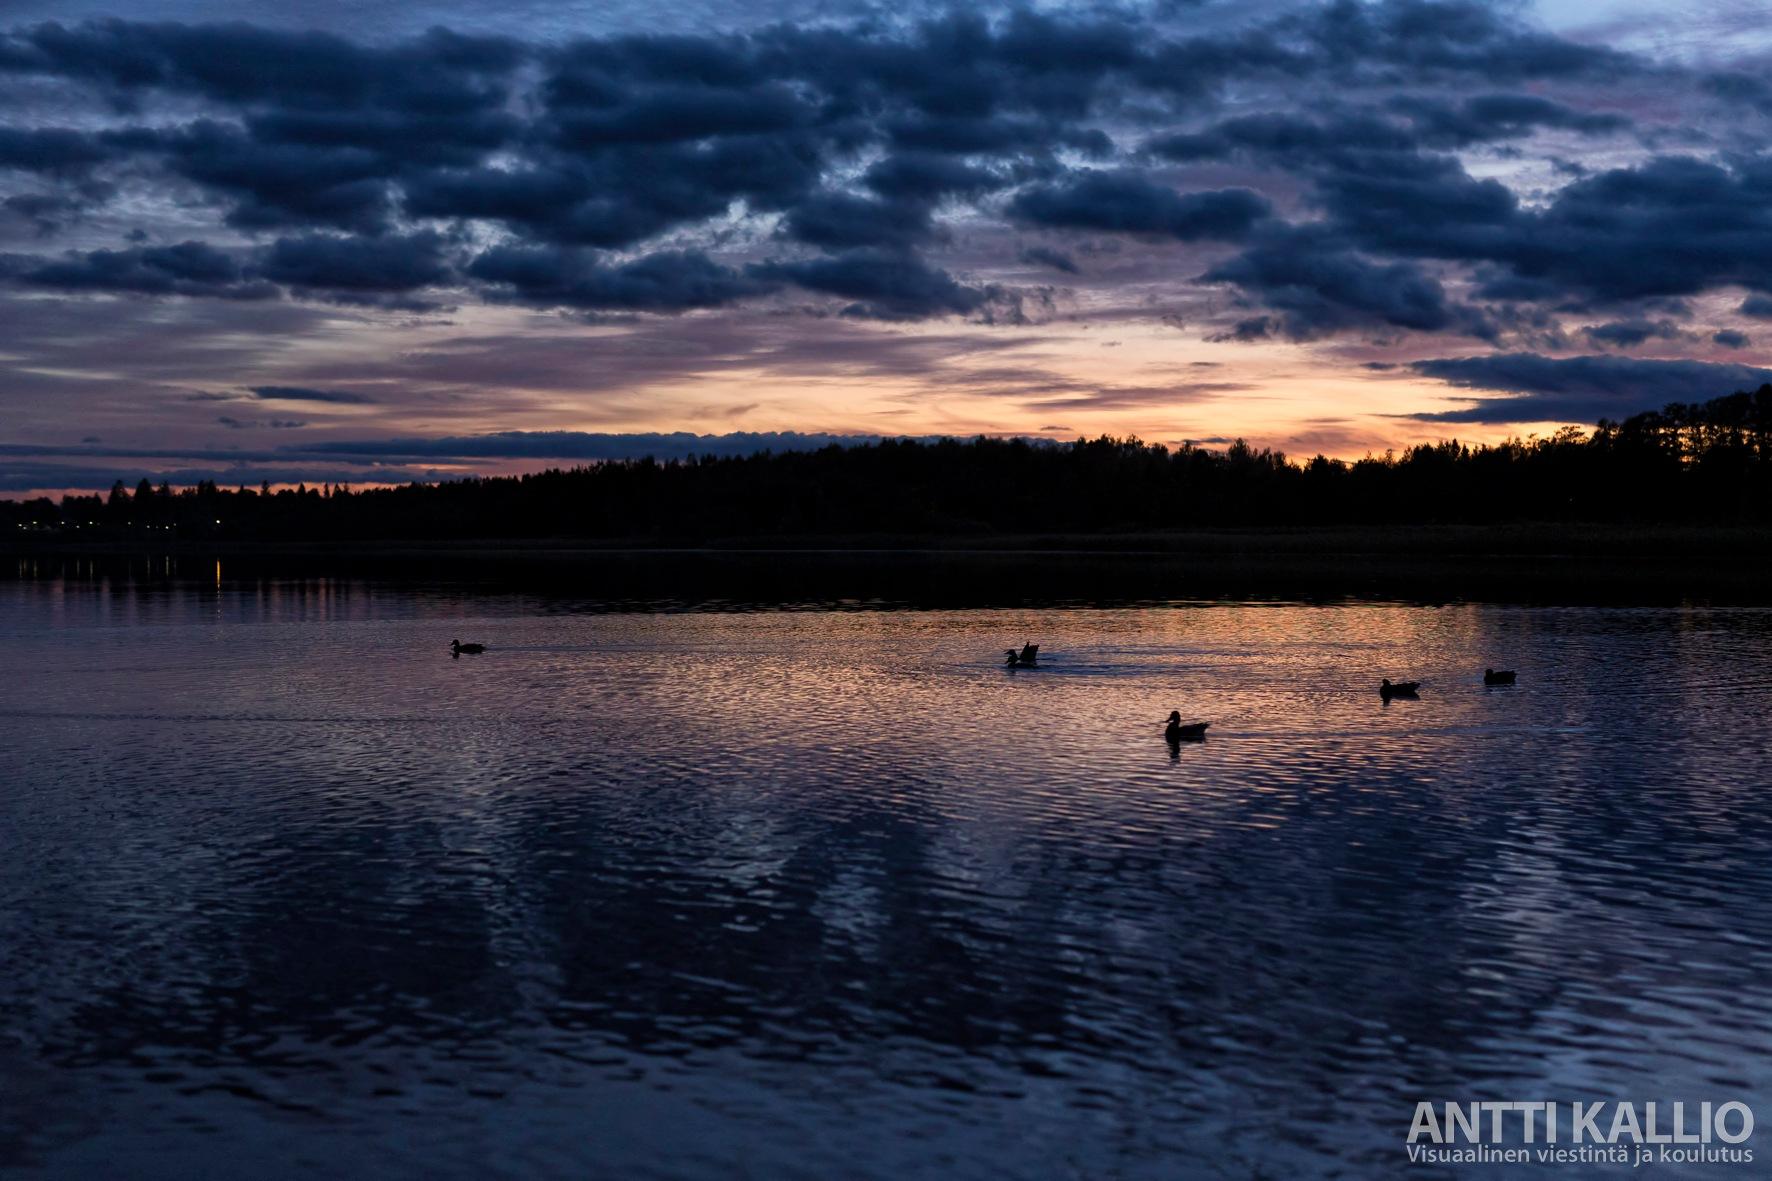 Lake scenery at night by photographerAnttiKallio